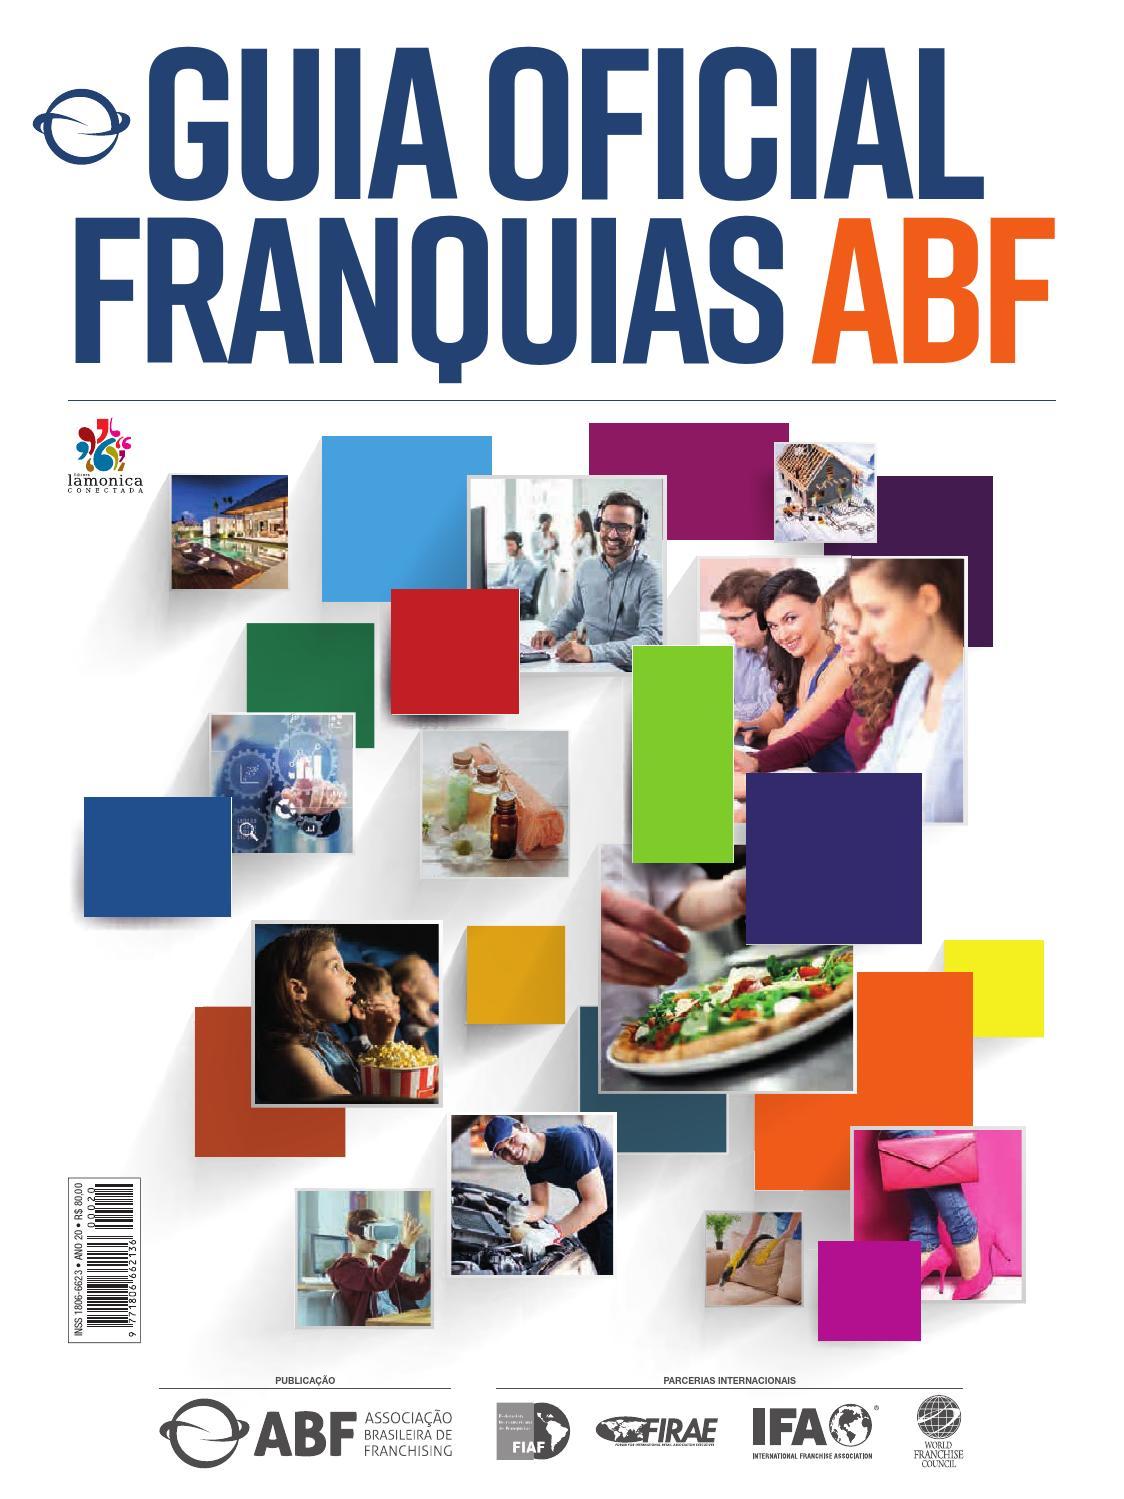 ba06056673a Guia Oficial de Franquias ABF 2018 by Editora Lamonica Conectada - issuu